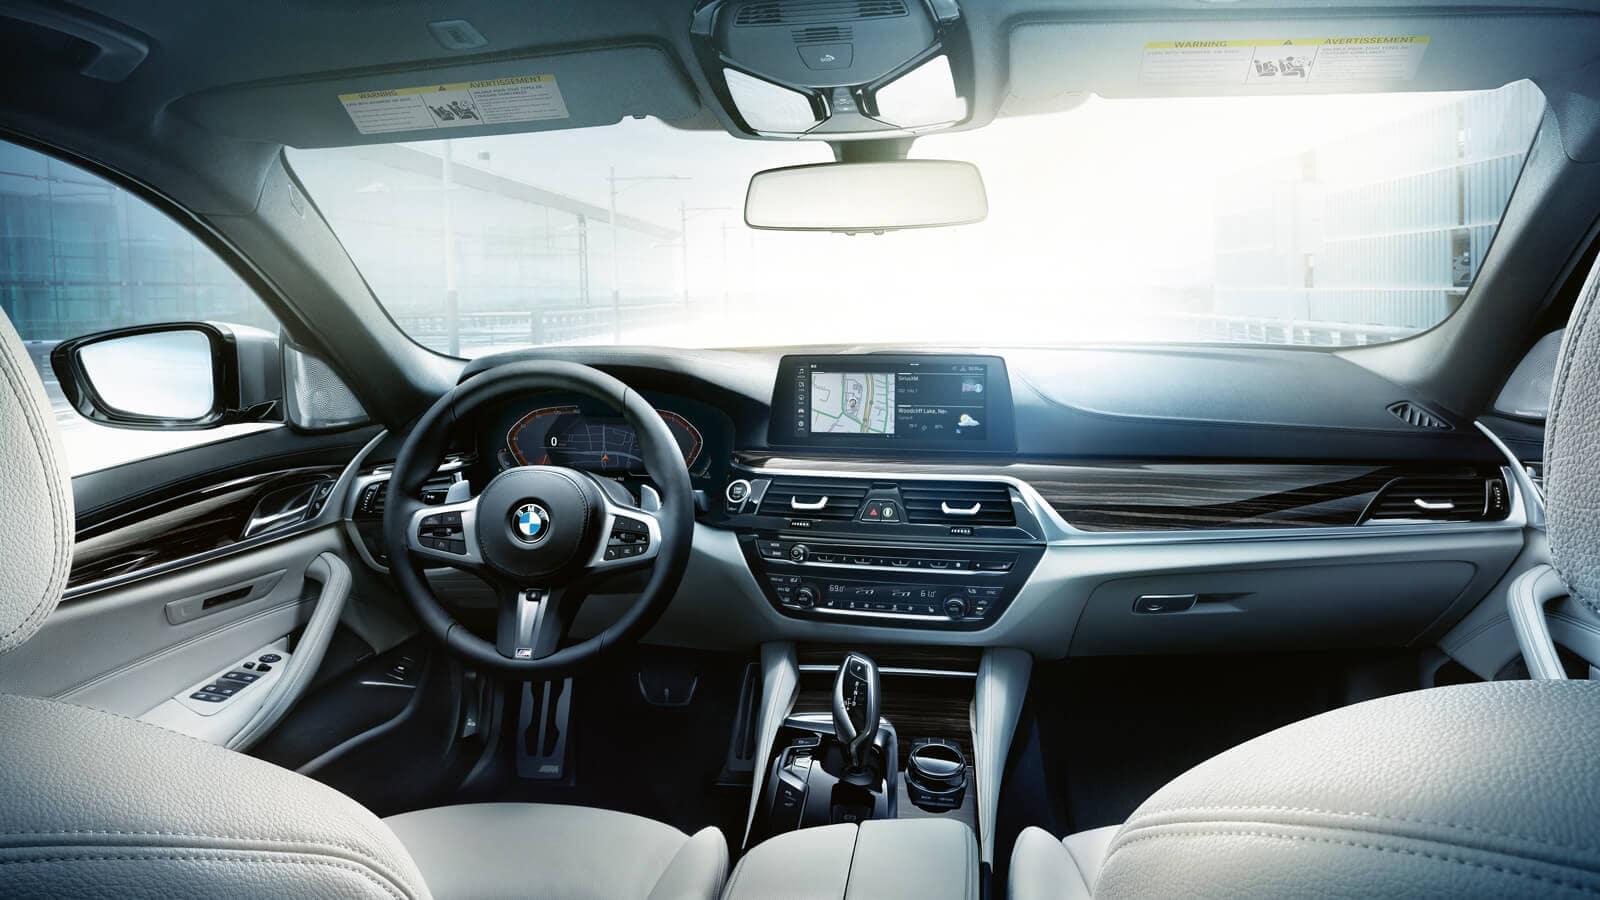 2020 5 Series Interior